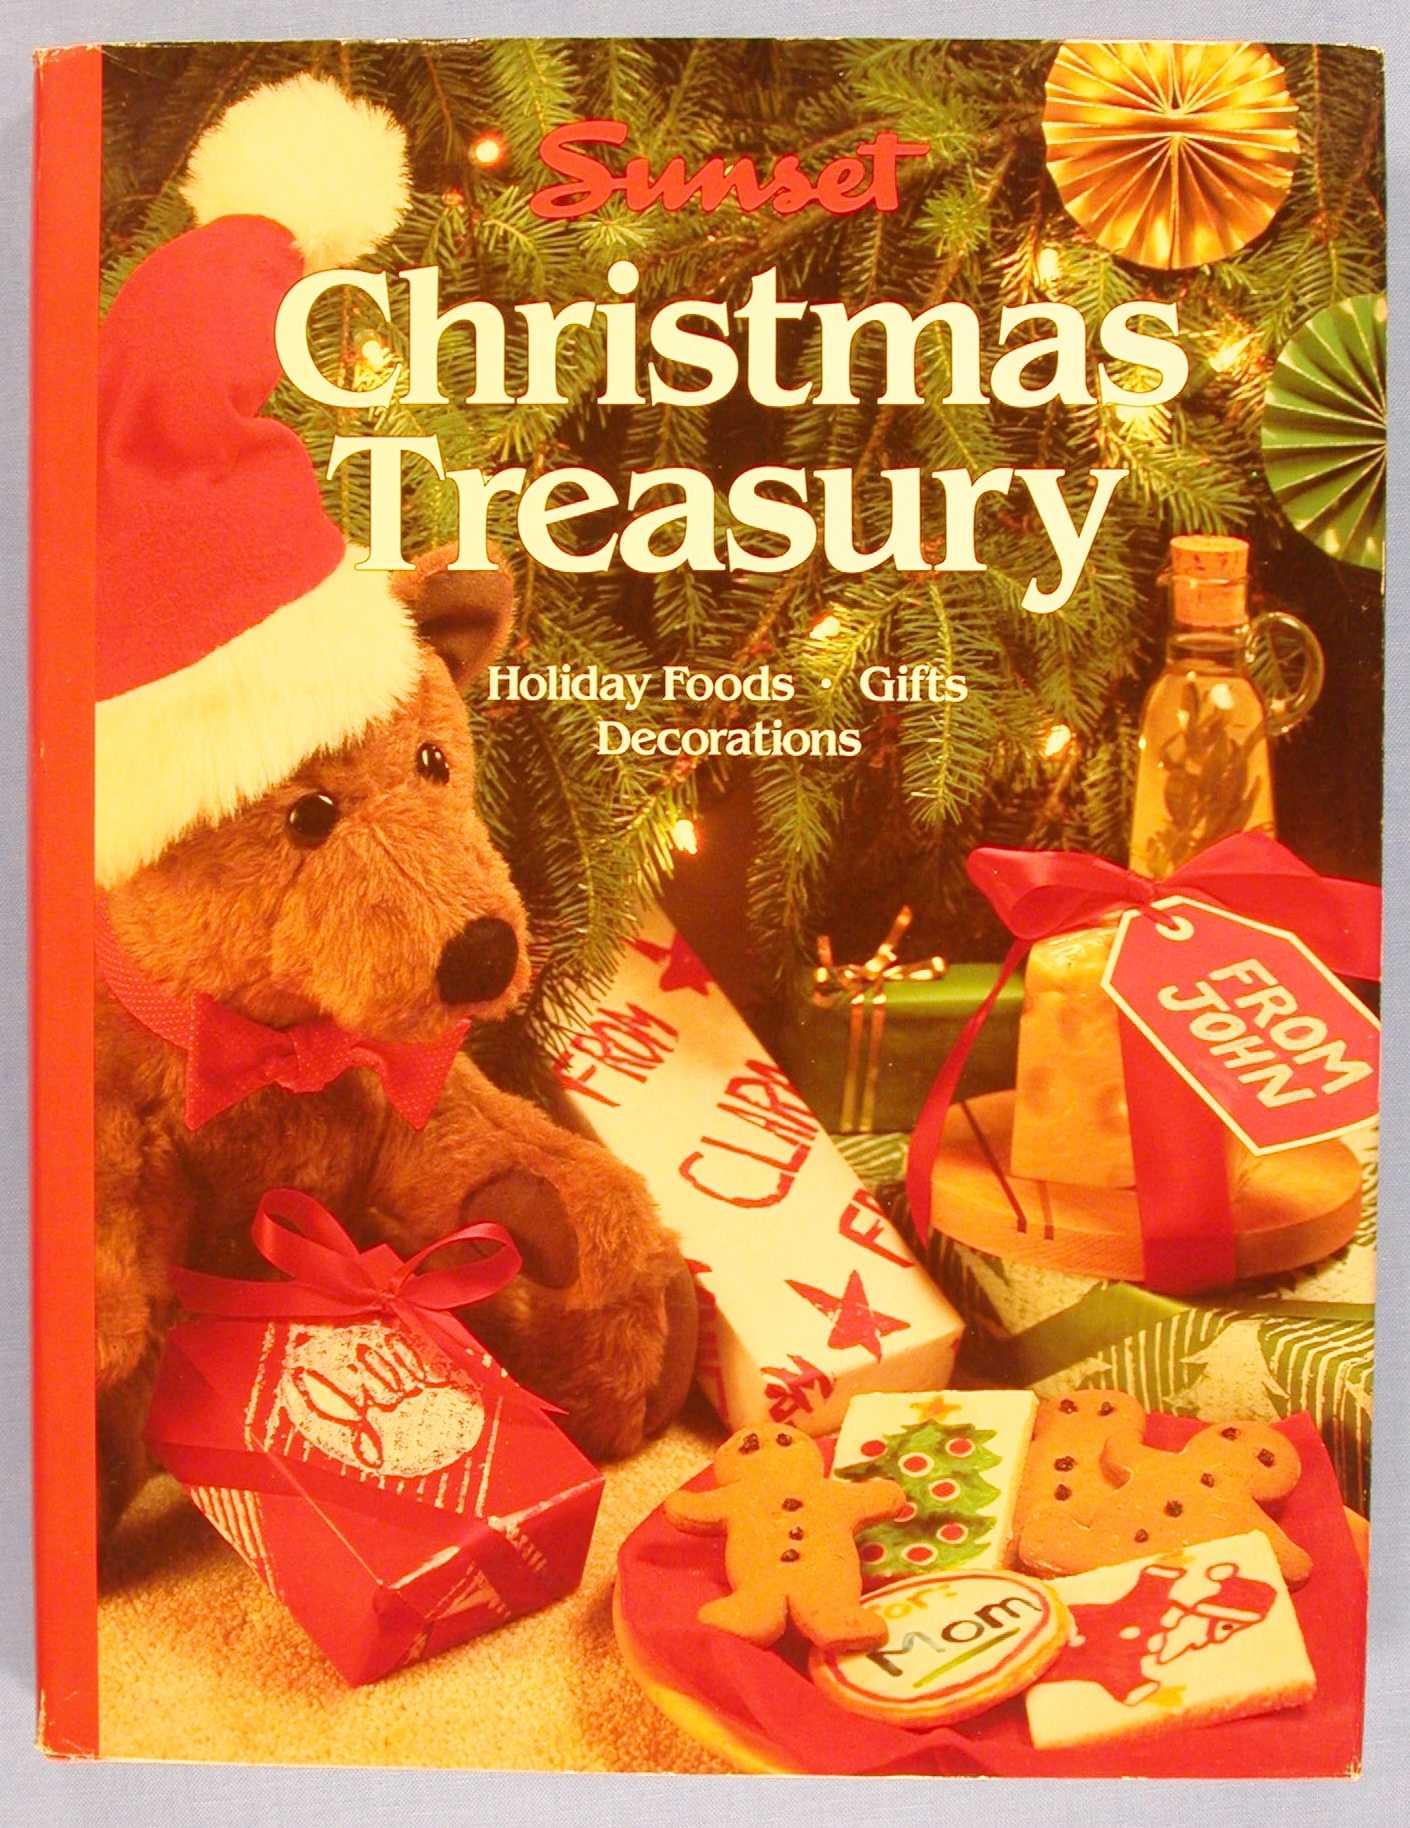 Christmas Treasury, Bix, Cynthia Overbeck, Editor